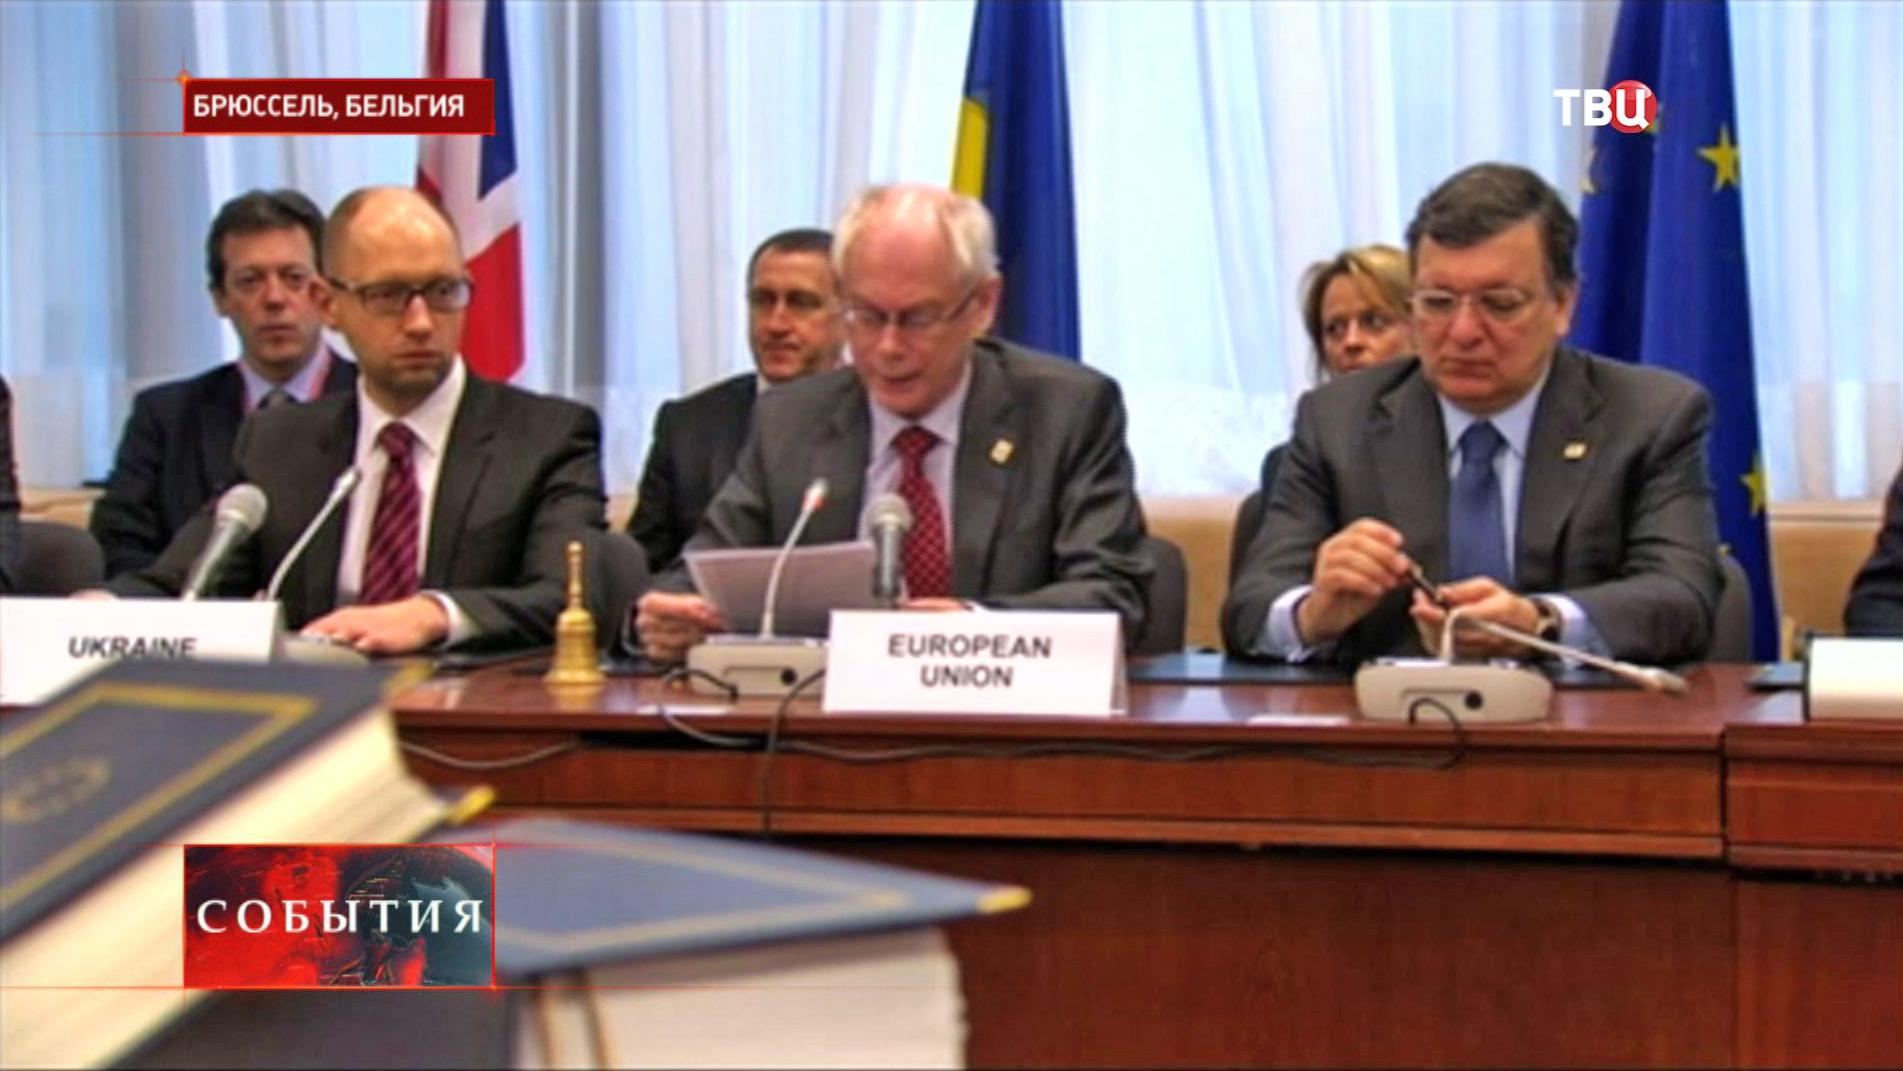 Премьер-министр Украины Арсений Яценюк, председатель европейского совета Херман Ван Ромпей и глава Европейской комиссии Жозе Мануэл Баррозу